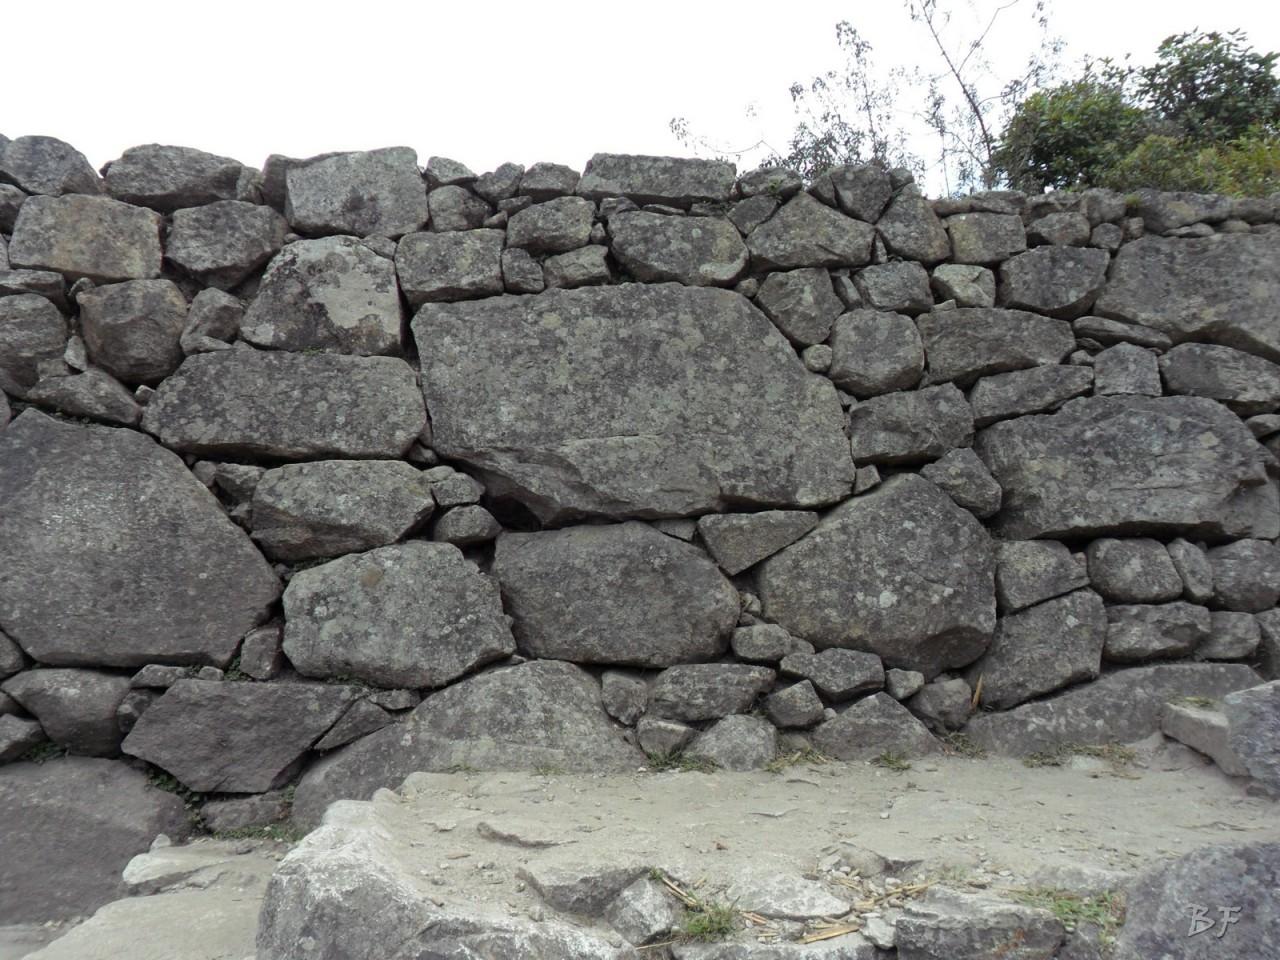 Mura-Poligonali-Incisioni-Altari-Edifici-Rupestri-Megaliti-Machu-Picchu-Aguas-Calientes-Urubamba-Cusco-Perù-73